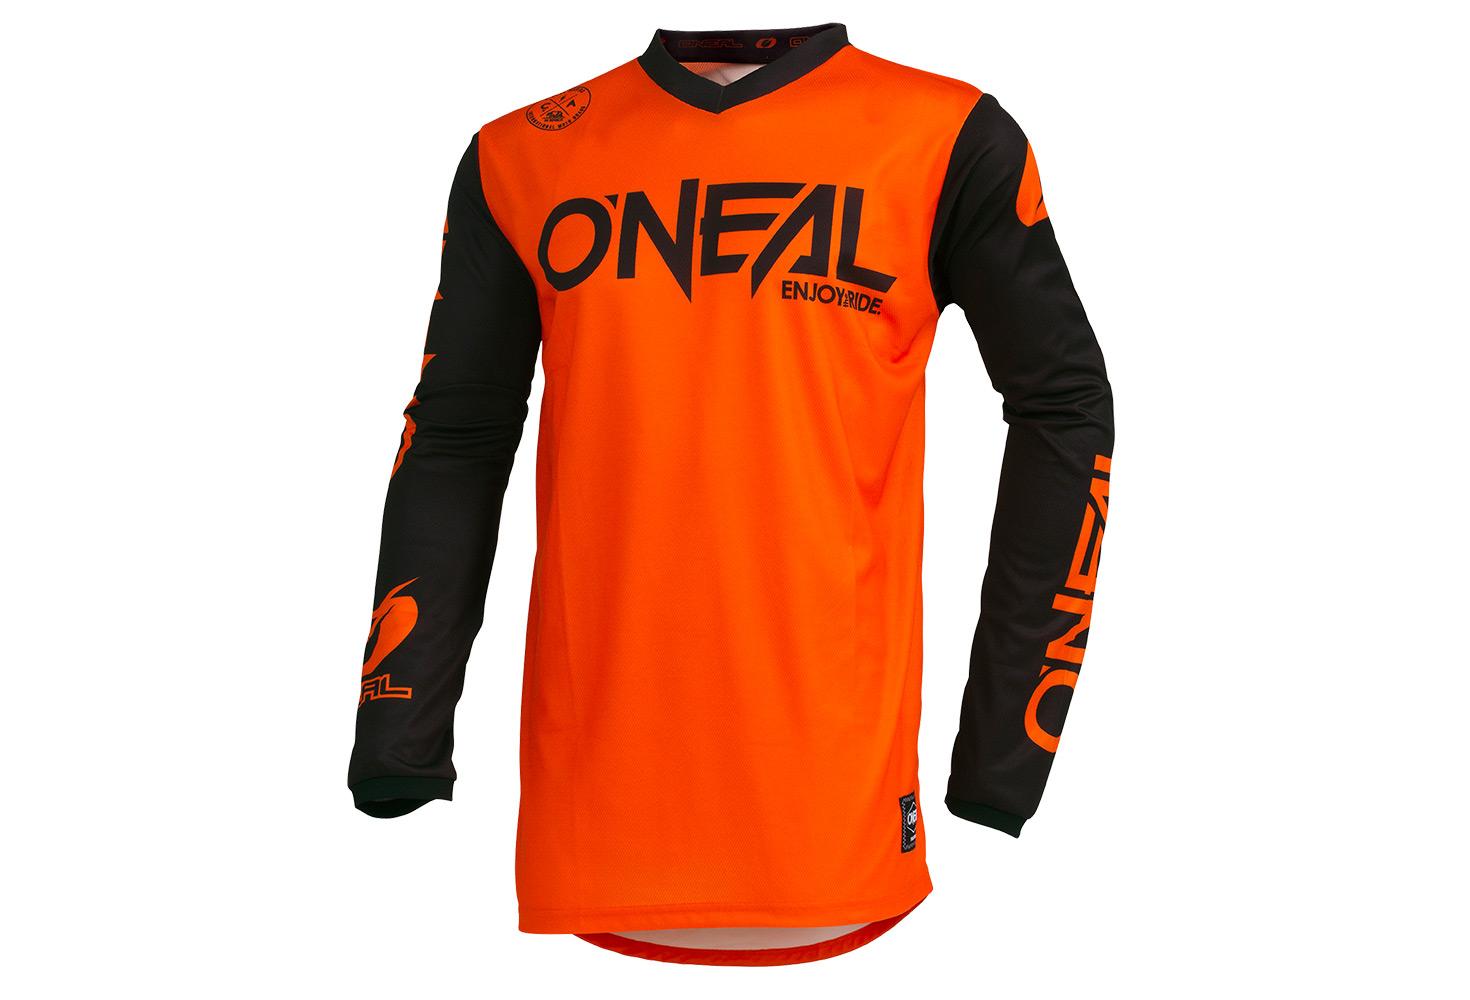 ONEAL THREAT Jersey RIDER orange